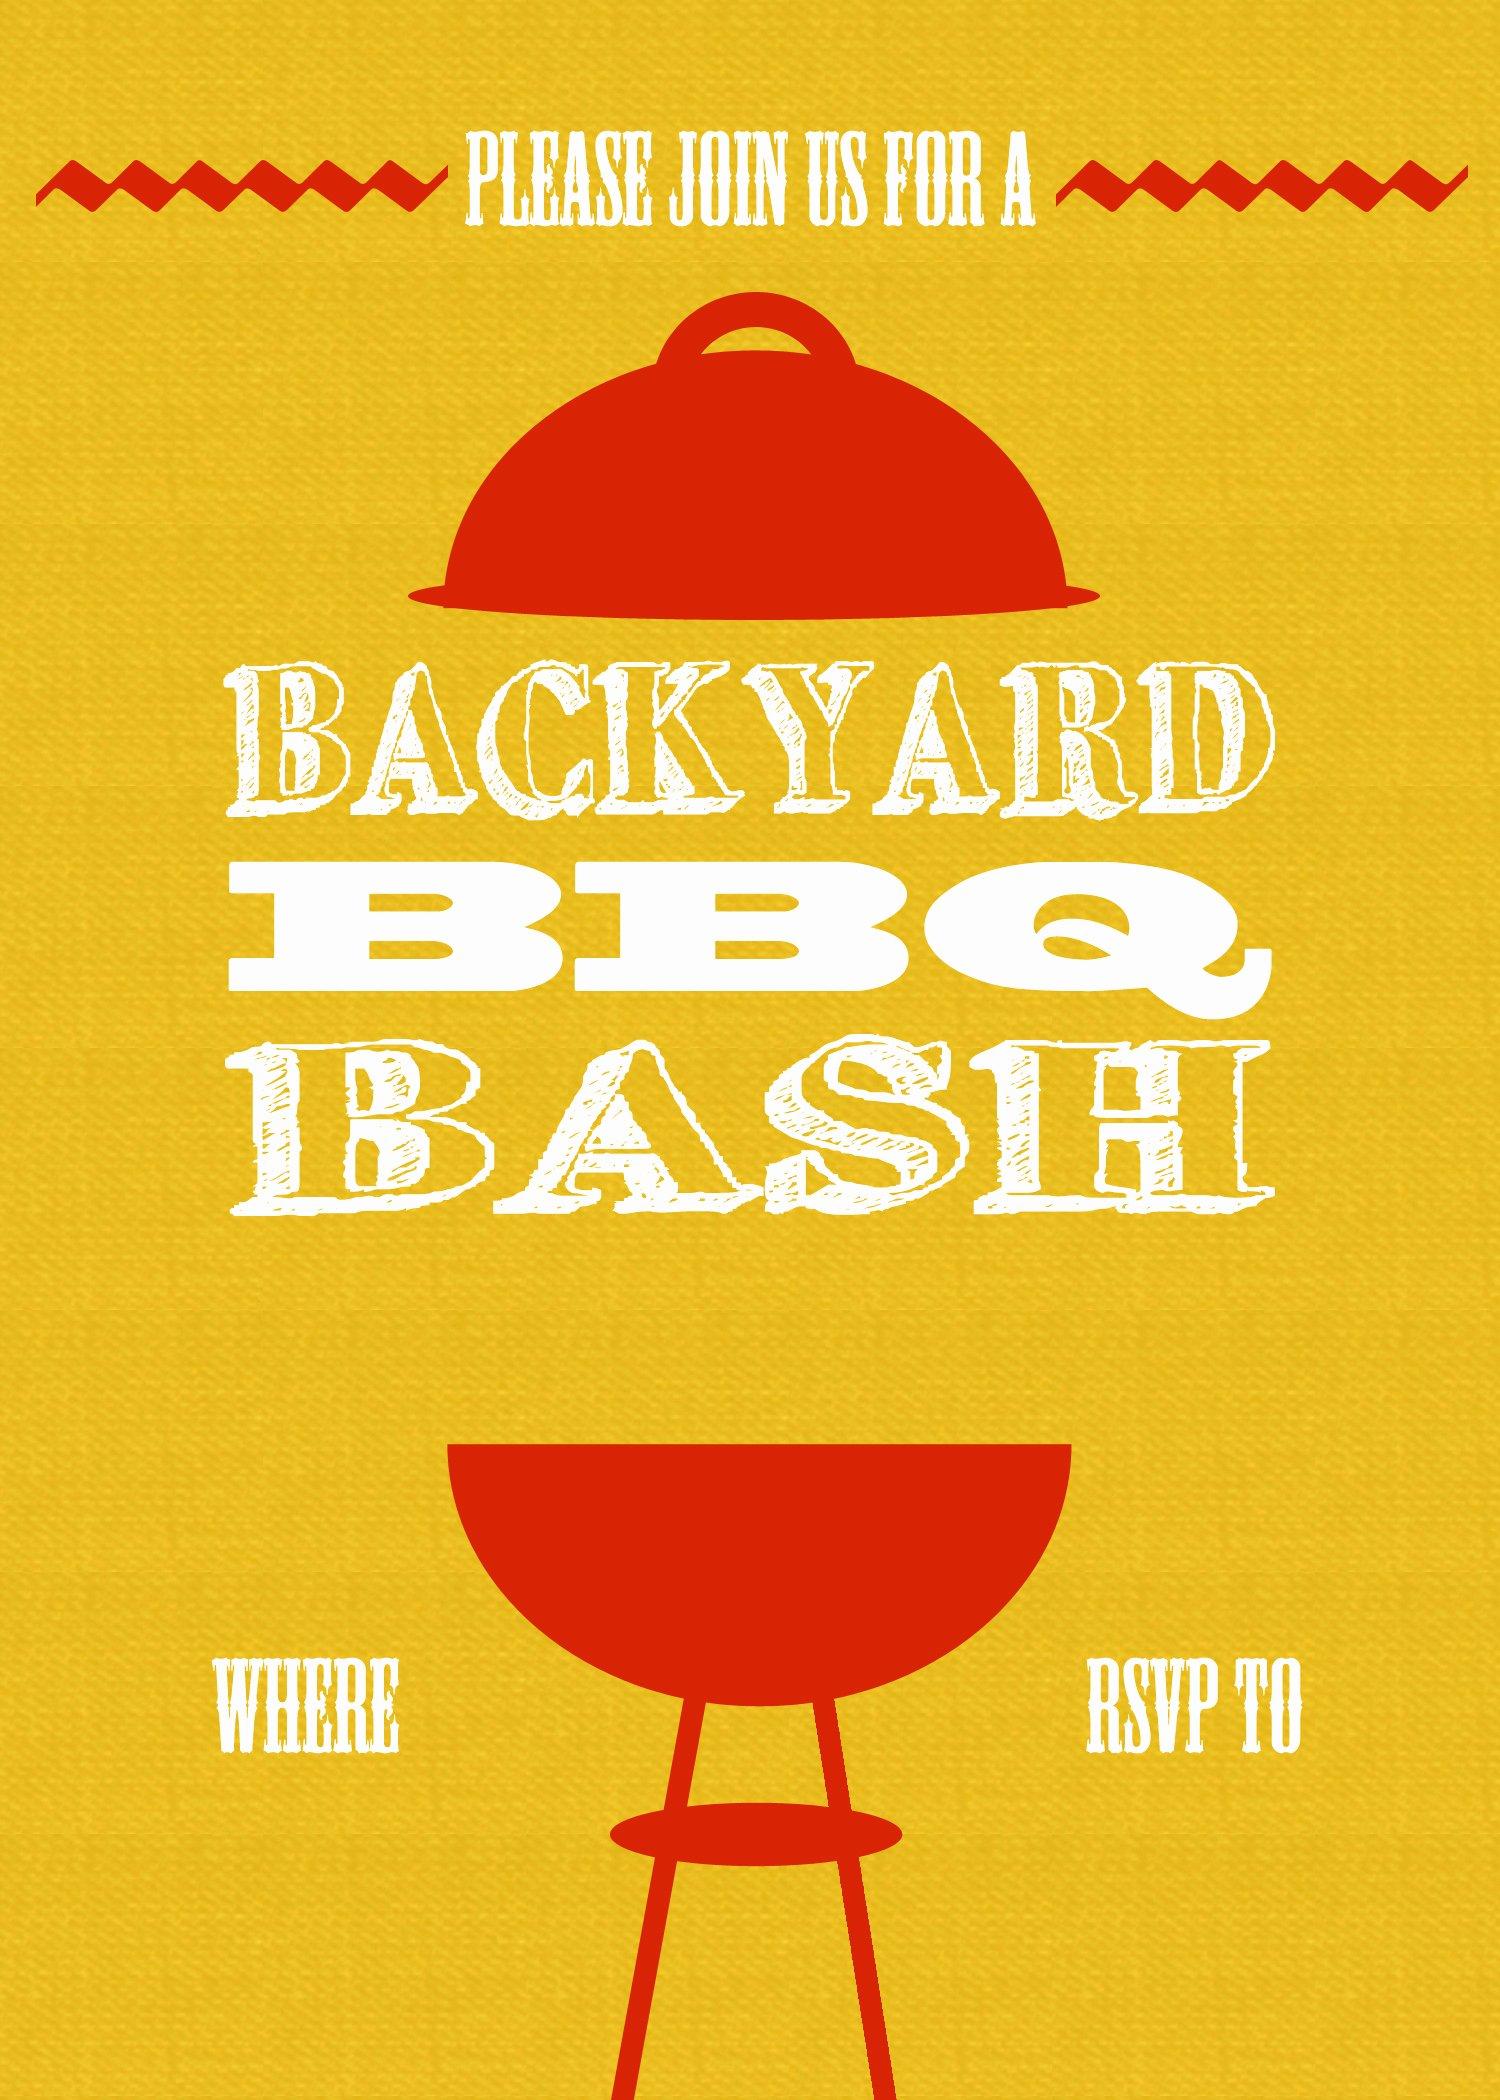 Free Printable Bbq Invitations Fresh Diy Printable Backyard Bbq Bash Invite